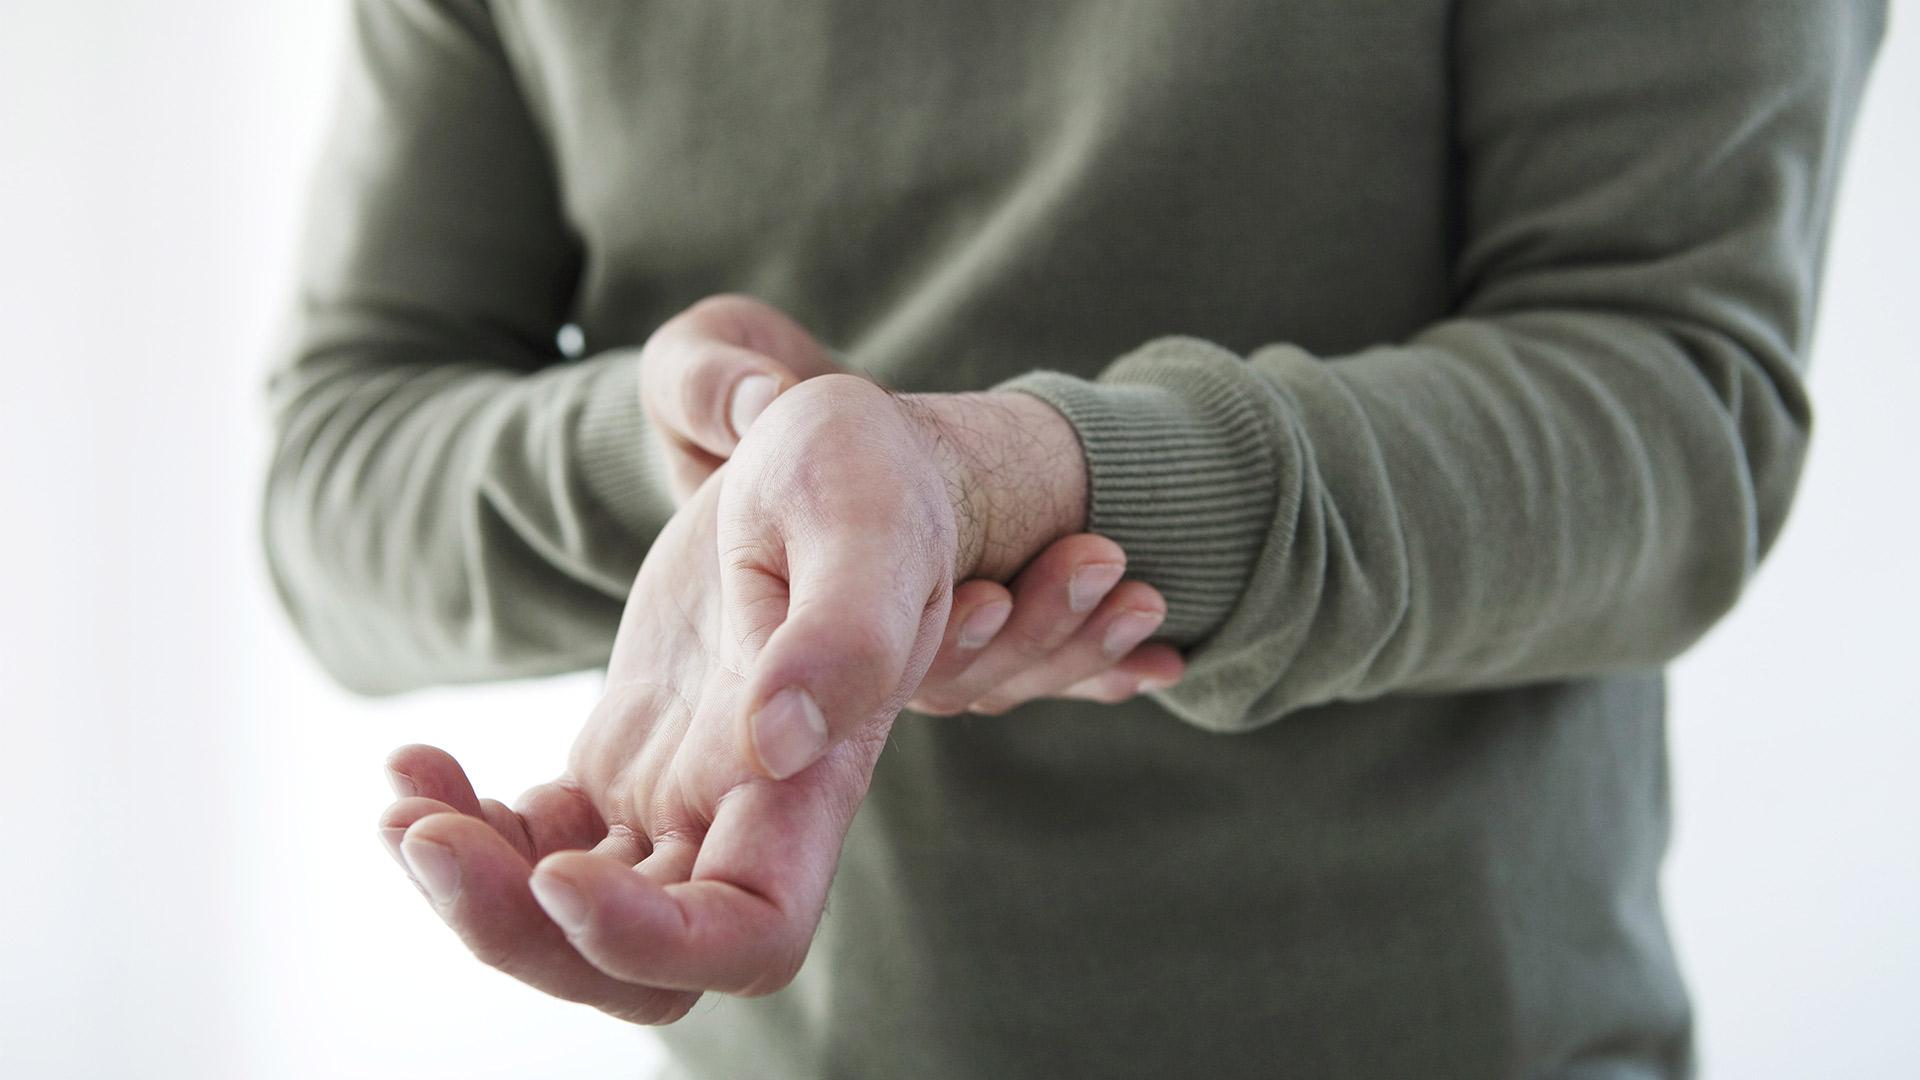 hogyan lehet kezelni a csukló ízületeinek gyulladását artróziskezelő orvos